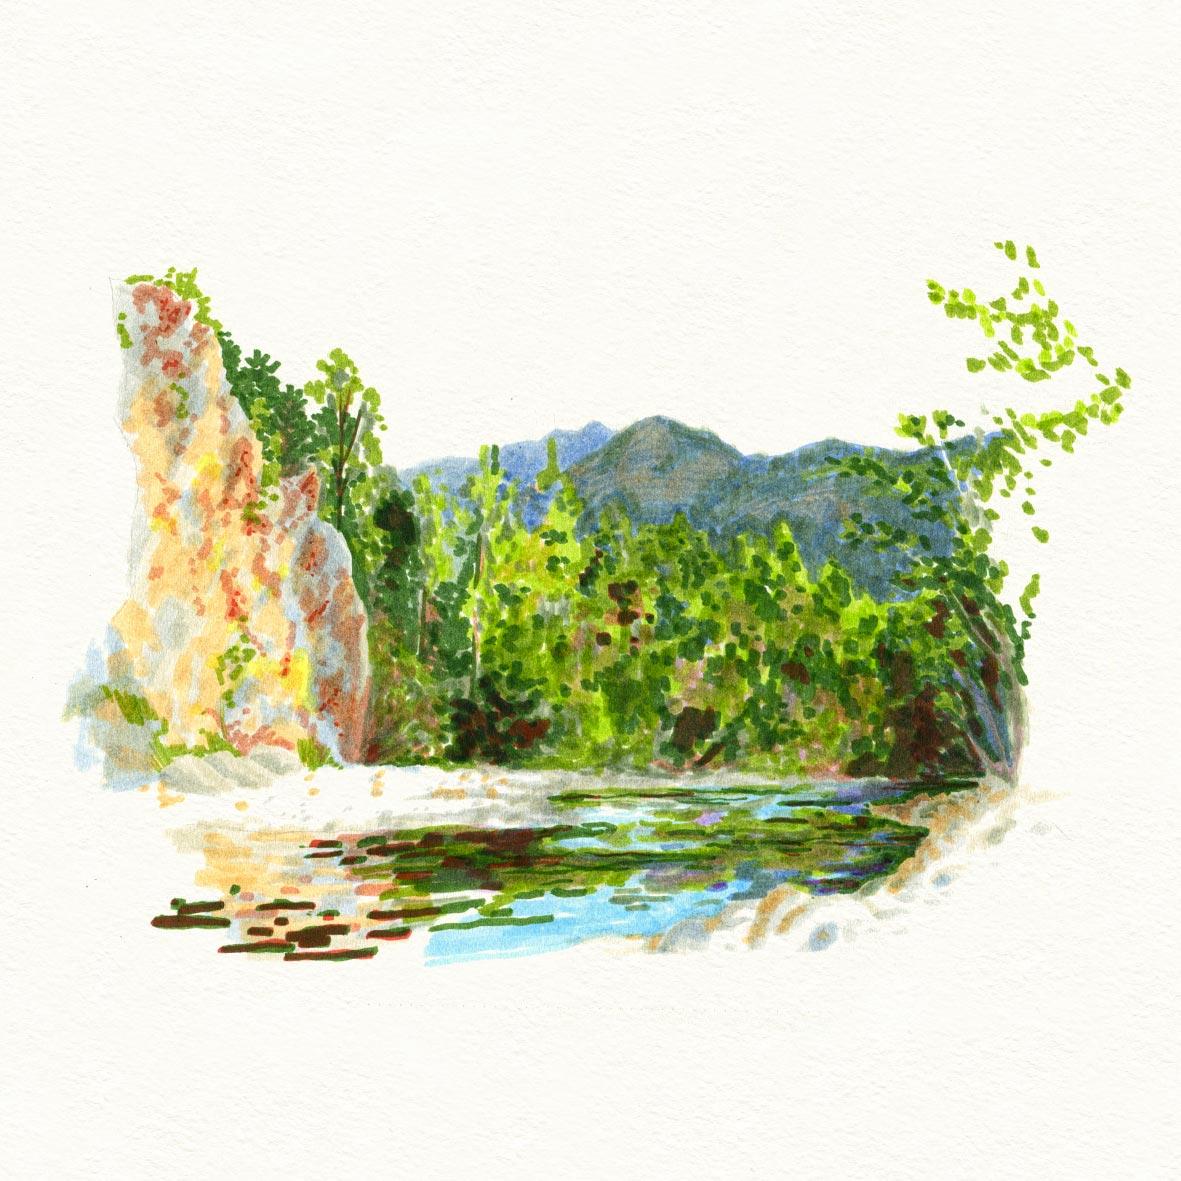 croquis_summer_sketche_feutre_montagne_05